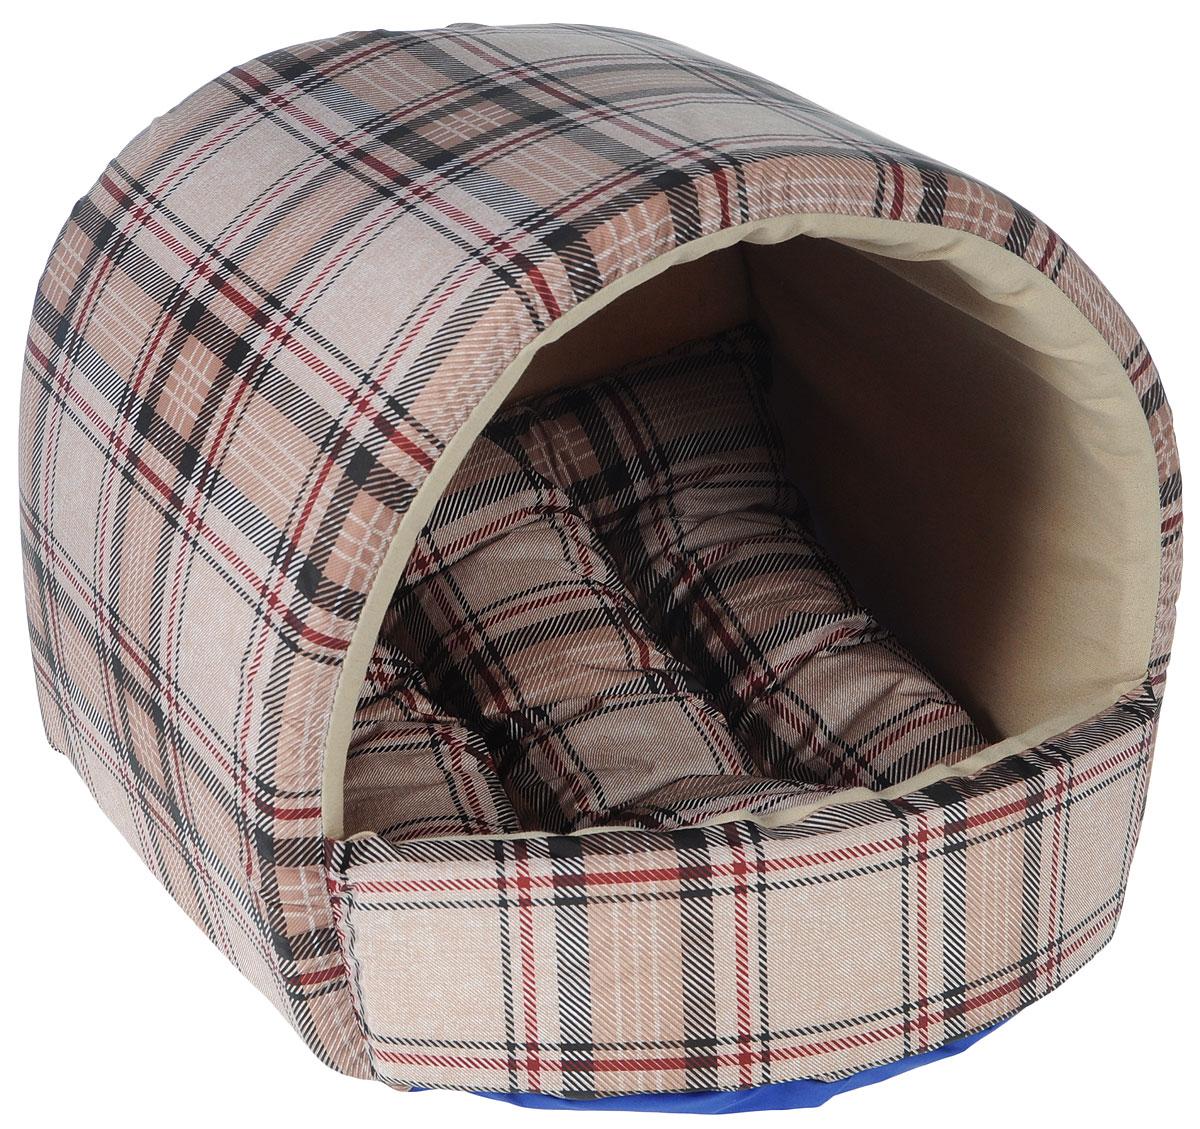 Домик для собак Happy Puppy Классик, 37 x 37 x 40 смЛ4/4 Лежак Пуфик _ арабеска голубая, материал бязь, холофайберДомик для собак Happy Puppy Классик обязательно понравится вашему питомцу. Он выполнен из высококачественного хлопка и полиэстера с водоотталкивающей пропиткой. Съемная подстилка с наполнителем из холлофайбера. Такойматериал не теряет своей формы долгое время.Домик очень удобный и уютный. Ваш любимец сразу же захочет забраться внутрь, там онсможет отдохнуть и спрятаться. Компактные размеры позволят поместить домик, где угодно, а приятная цветовая гамма сделает его оригинальным дополнением к любому интерьеру. Размер подстилки: 37 х 37 х 5 см,Размер домика: 37 х 37 х 40 см,Внутренняя высота домика (с учетом подстилки): 27 см.Толщина стенки: 3 см.